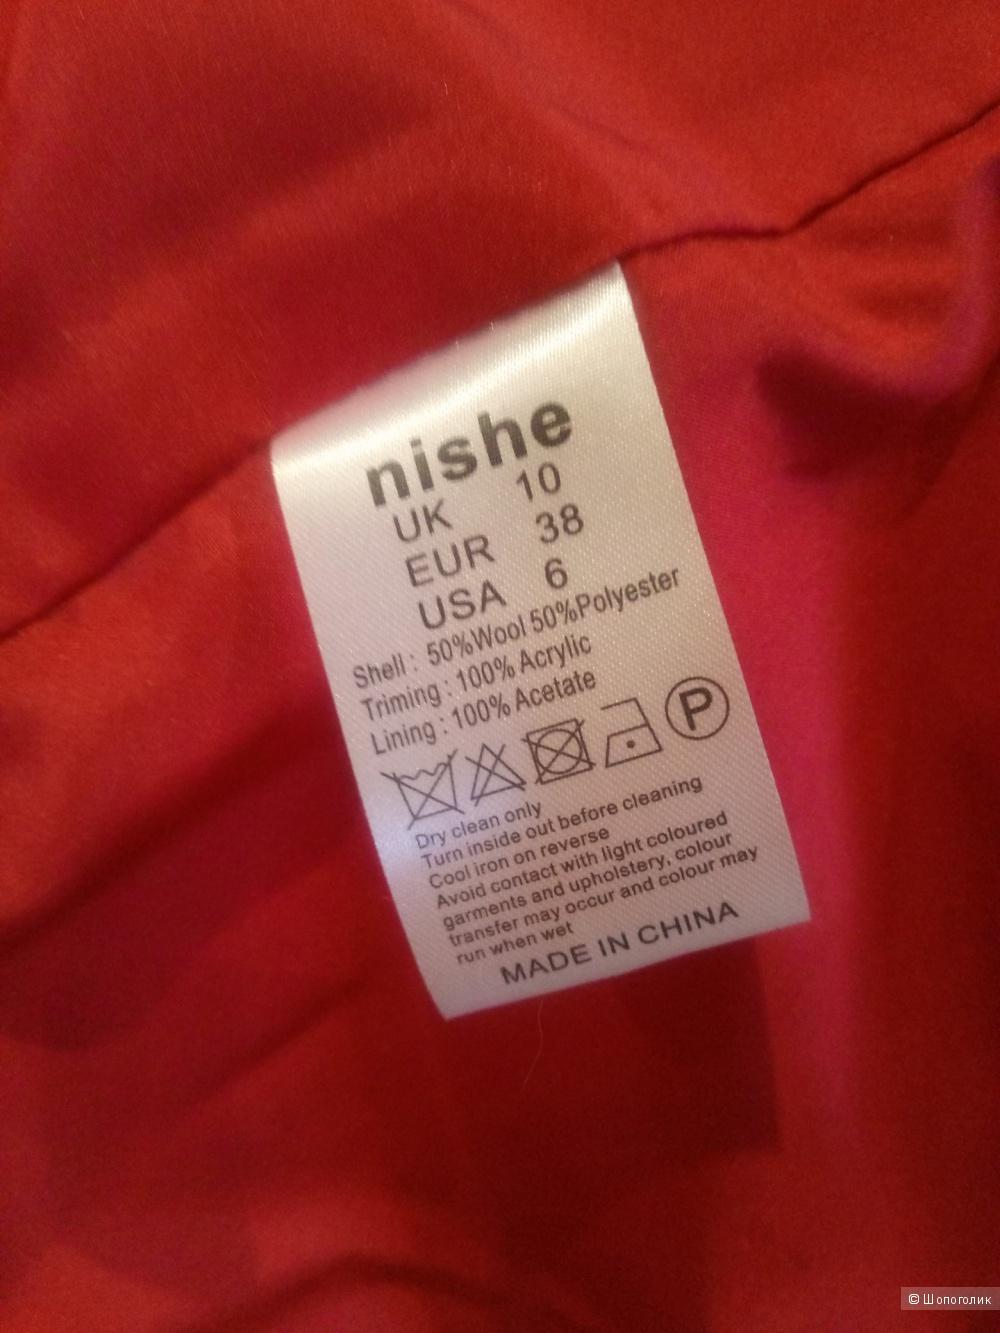 Двубортное пальто с отделкой из искусственного меха Nishe, UK 10